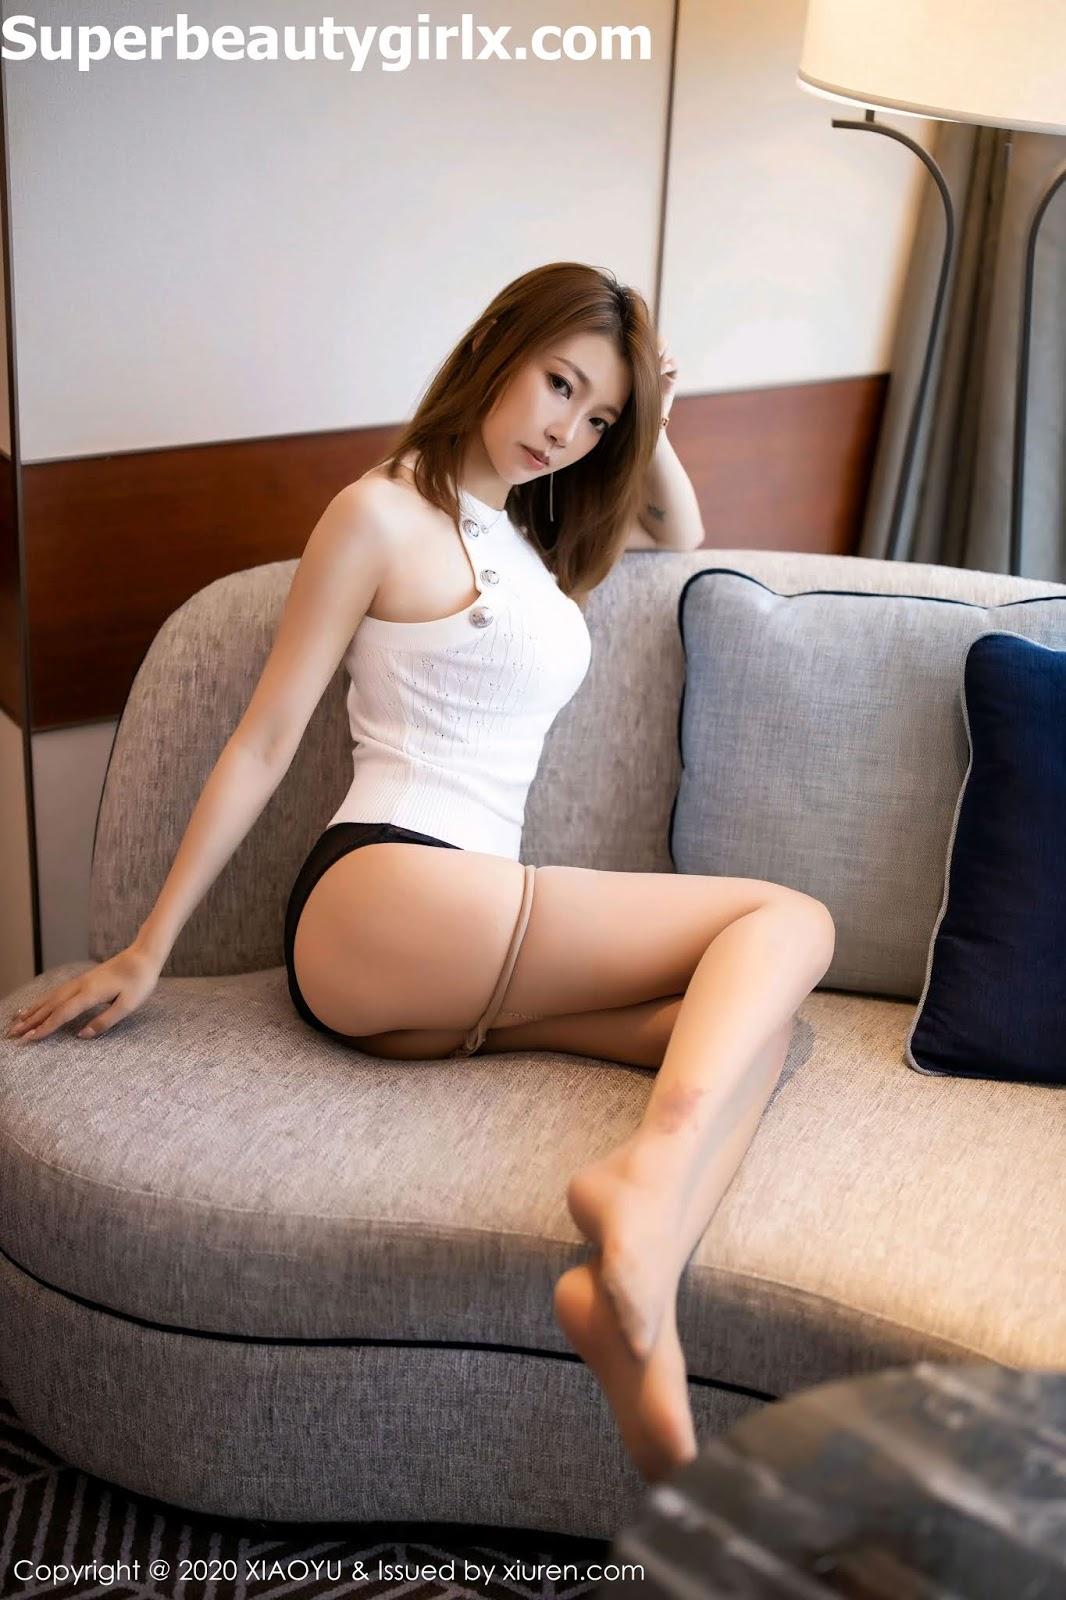 XiaoYu-Vol.364-LRIS-Feng-Mu-Mu-Superbeautygirlx.com